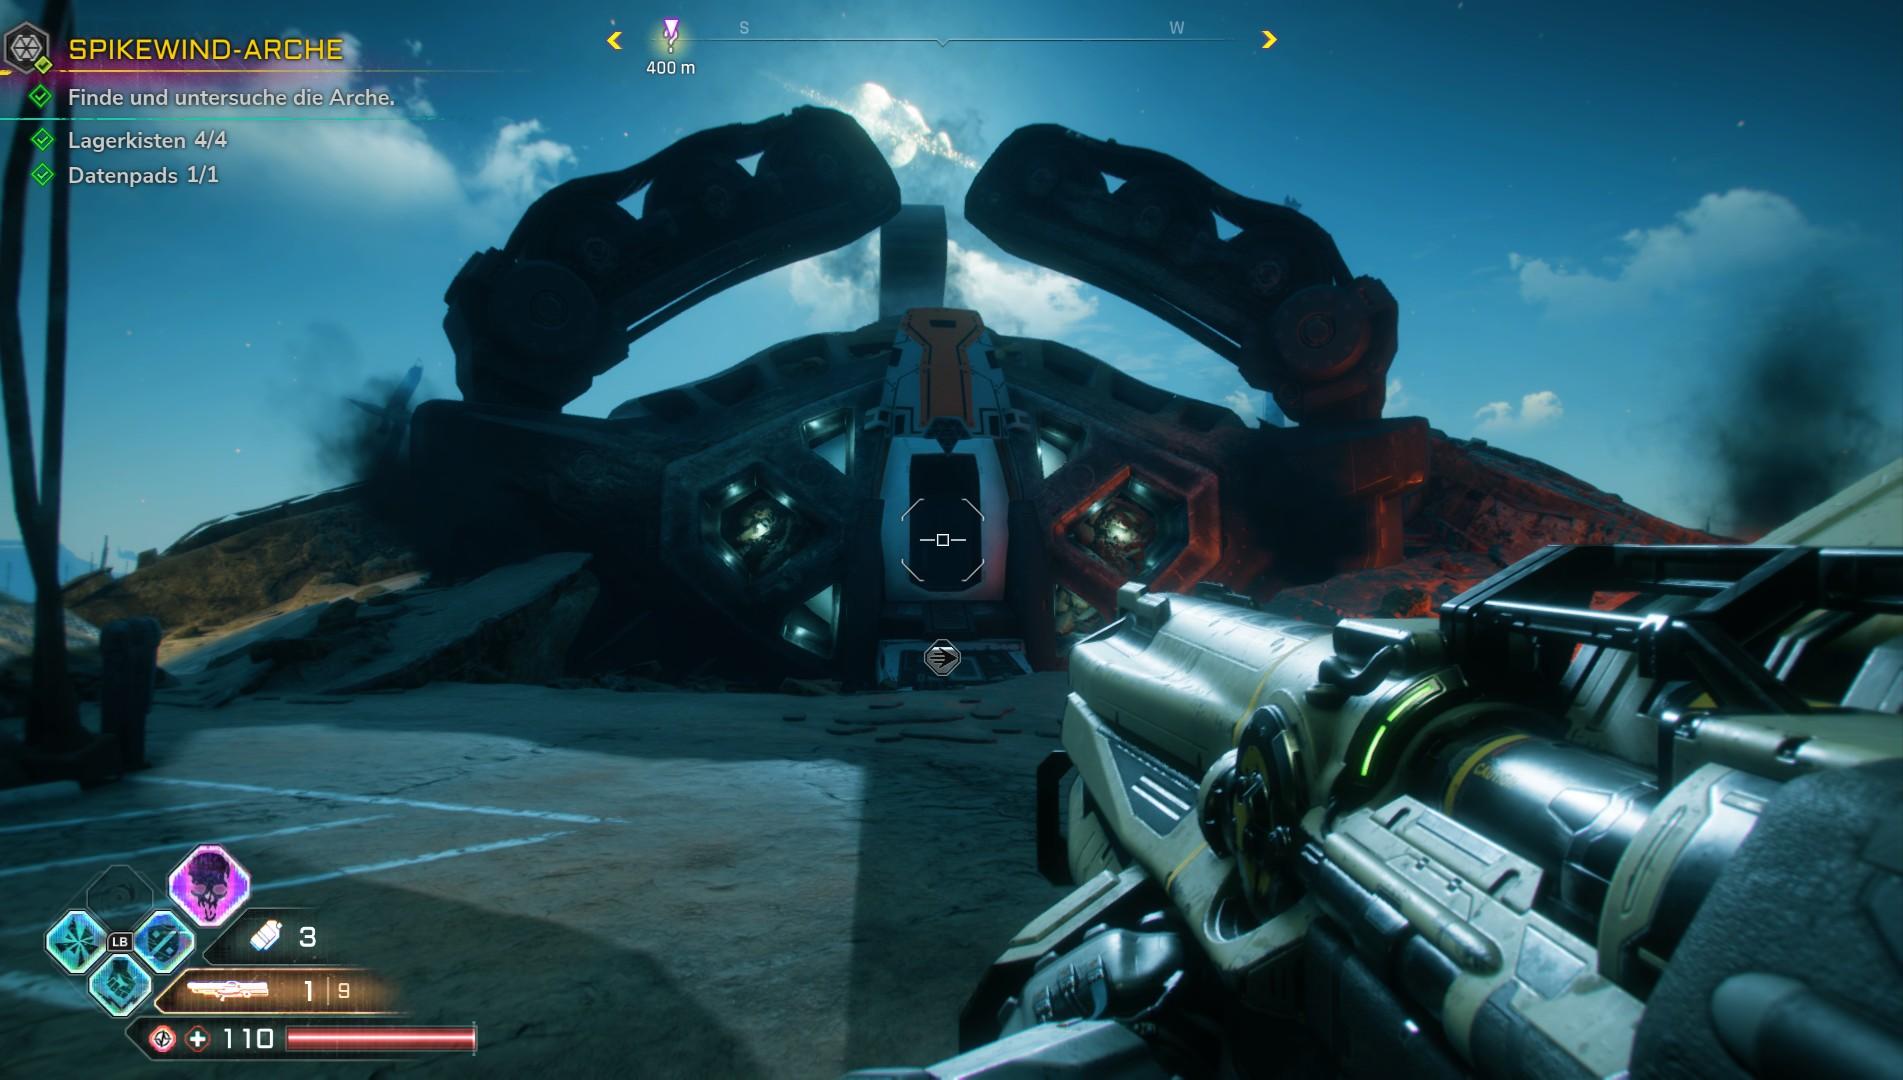 Neue Fähigkeiten und Waffen bekommt Ihr nur in so einer Arche. Meistens sind diese bewacht.